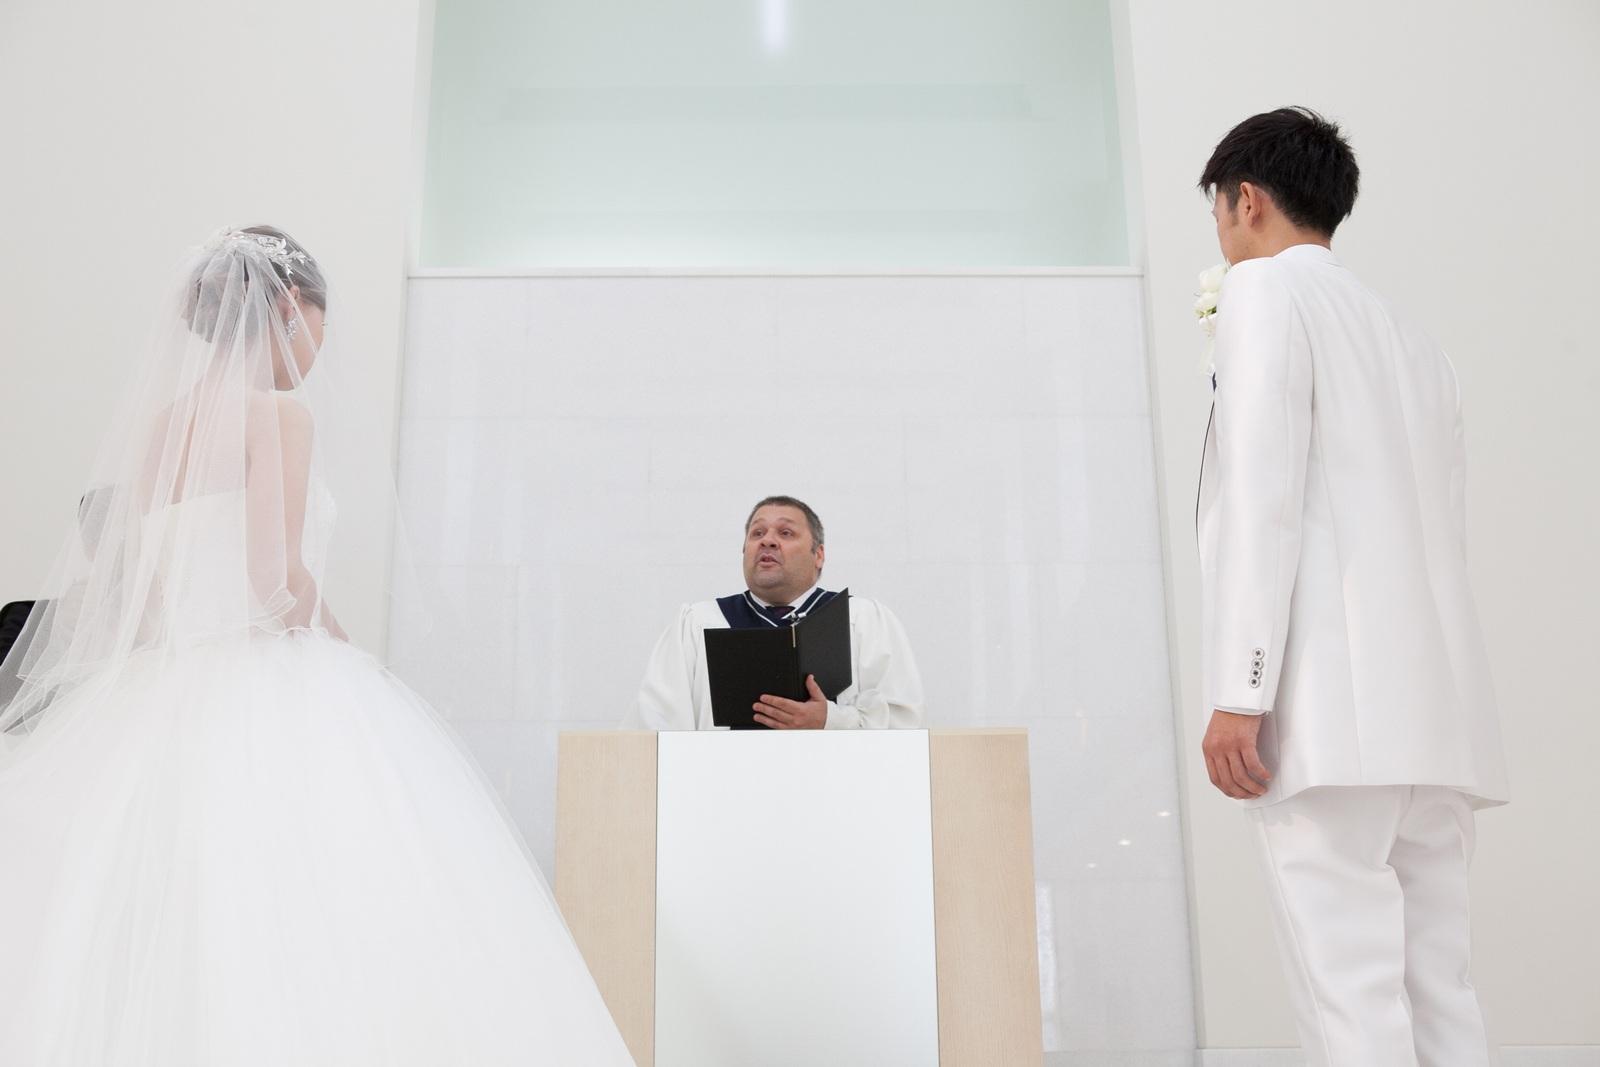 徳島市の結婚式場ブランアンジュでチャペル内での牧師様との誓いの瞬間